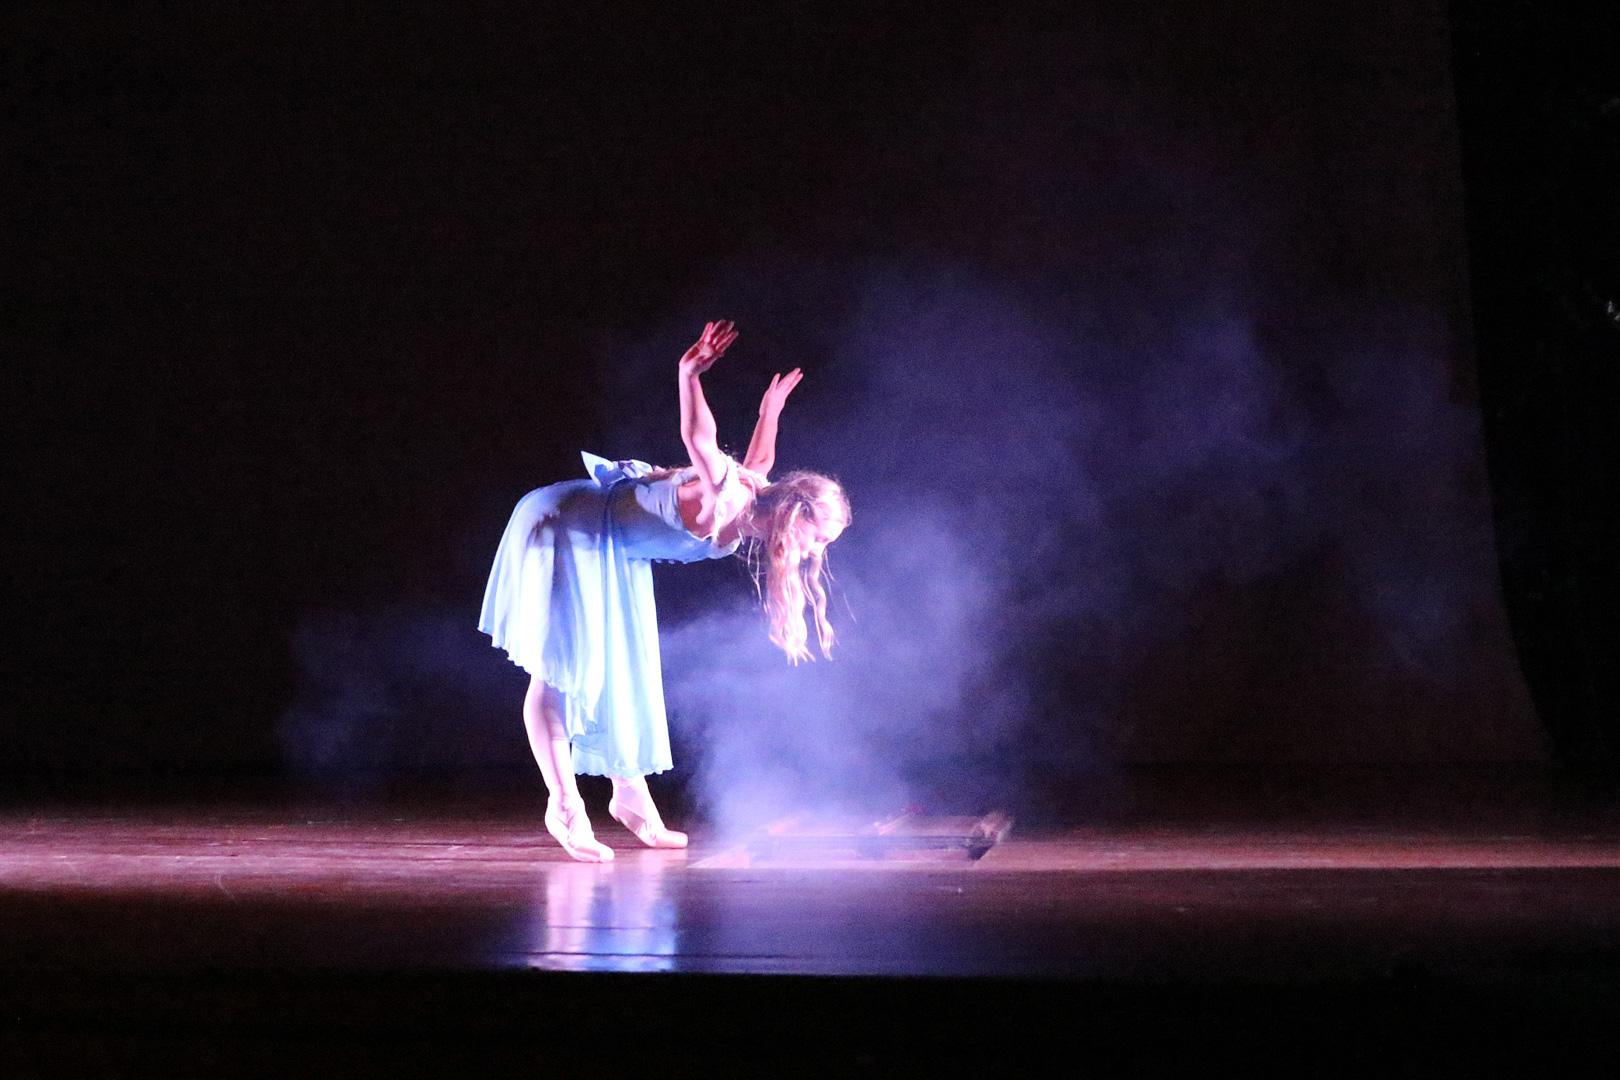 Alice falling.jpg